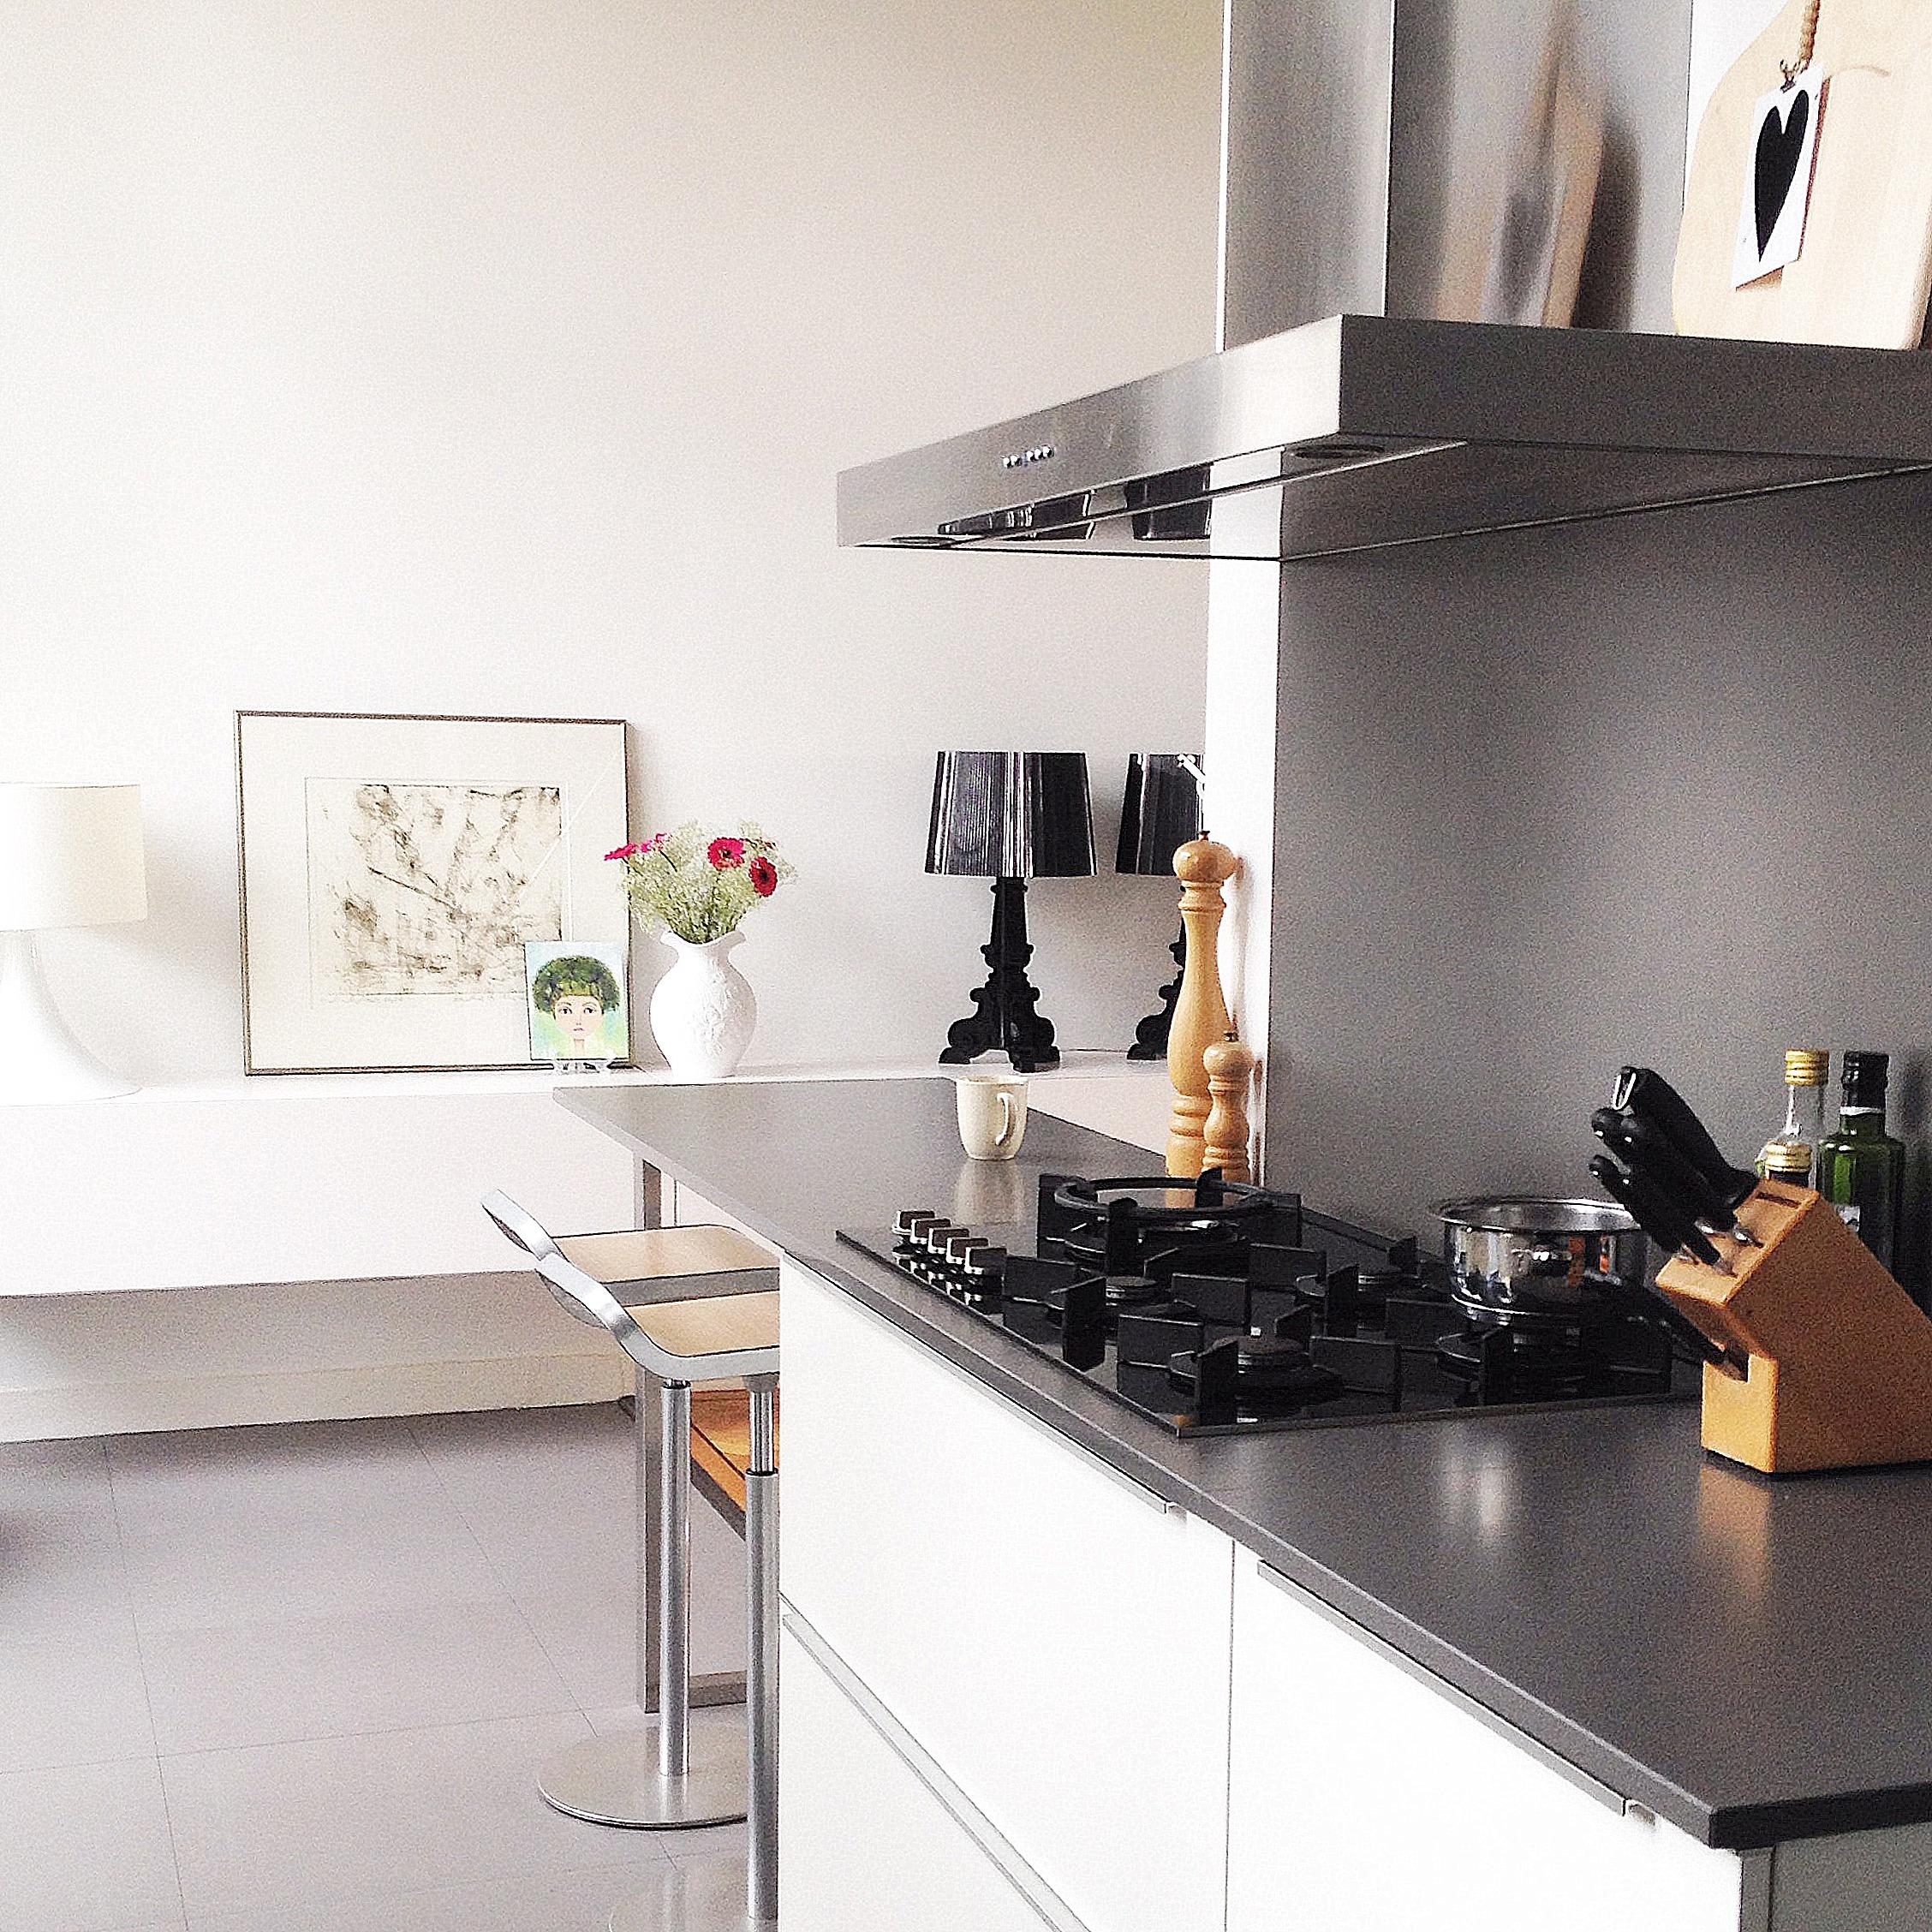 Binnenkijken bij inspiratie voor je interieur - Moderne keuken in het oude huis ...